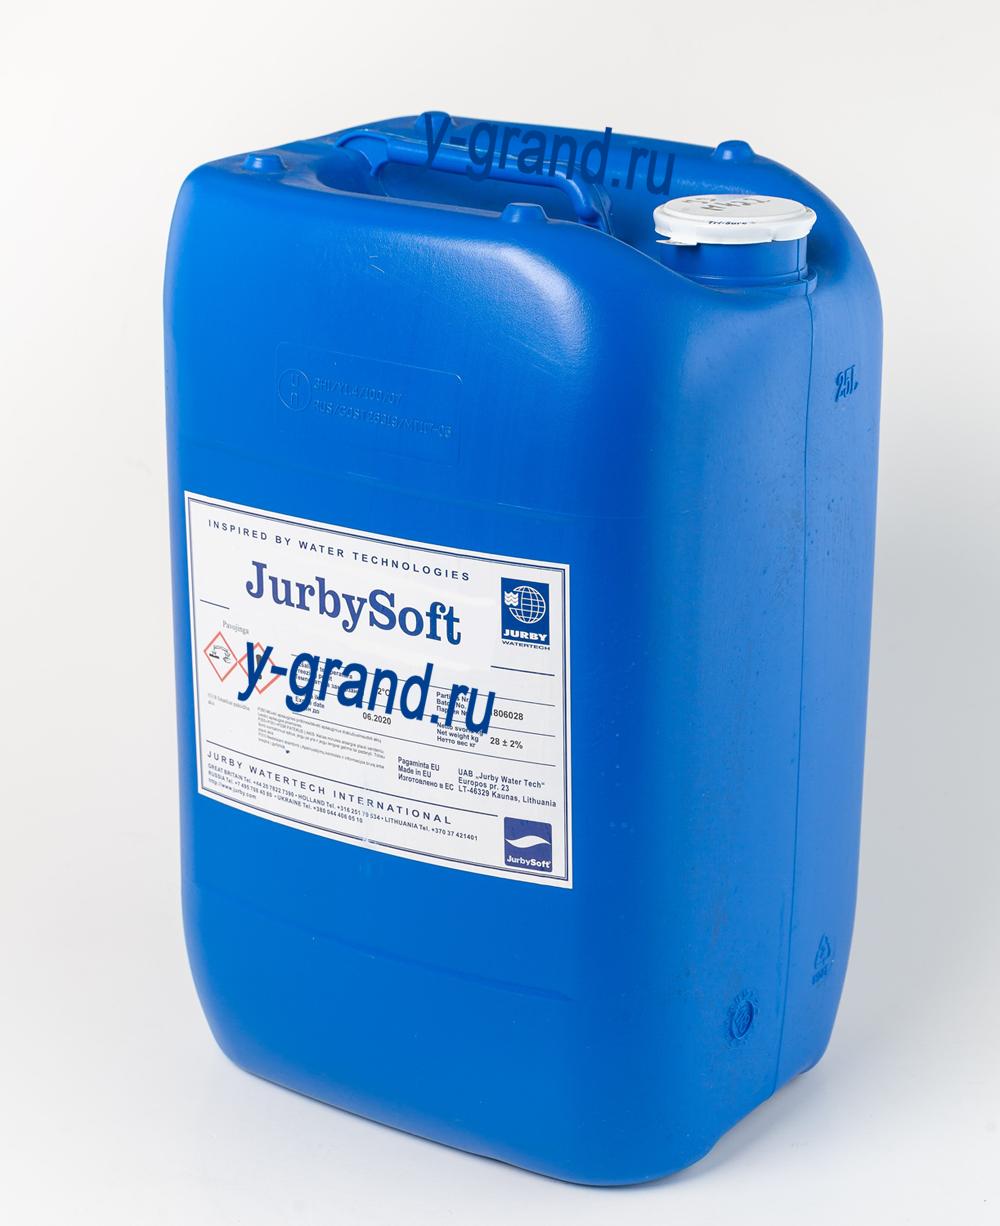 JurbySoft 12